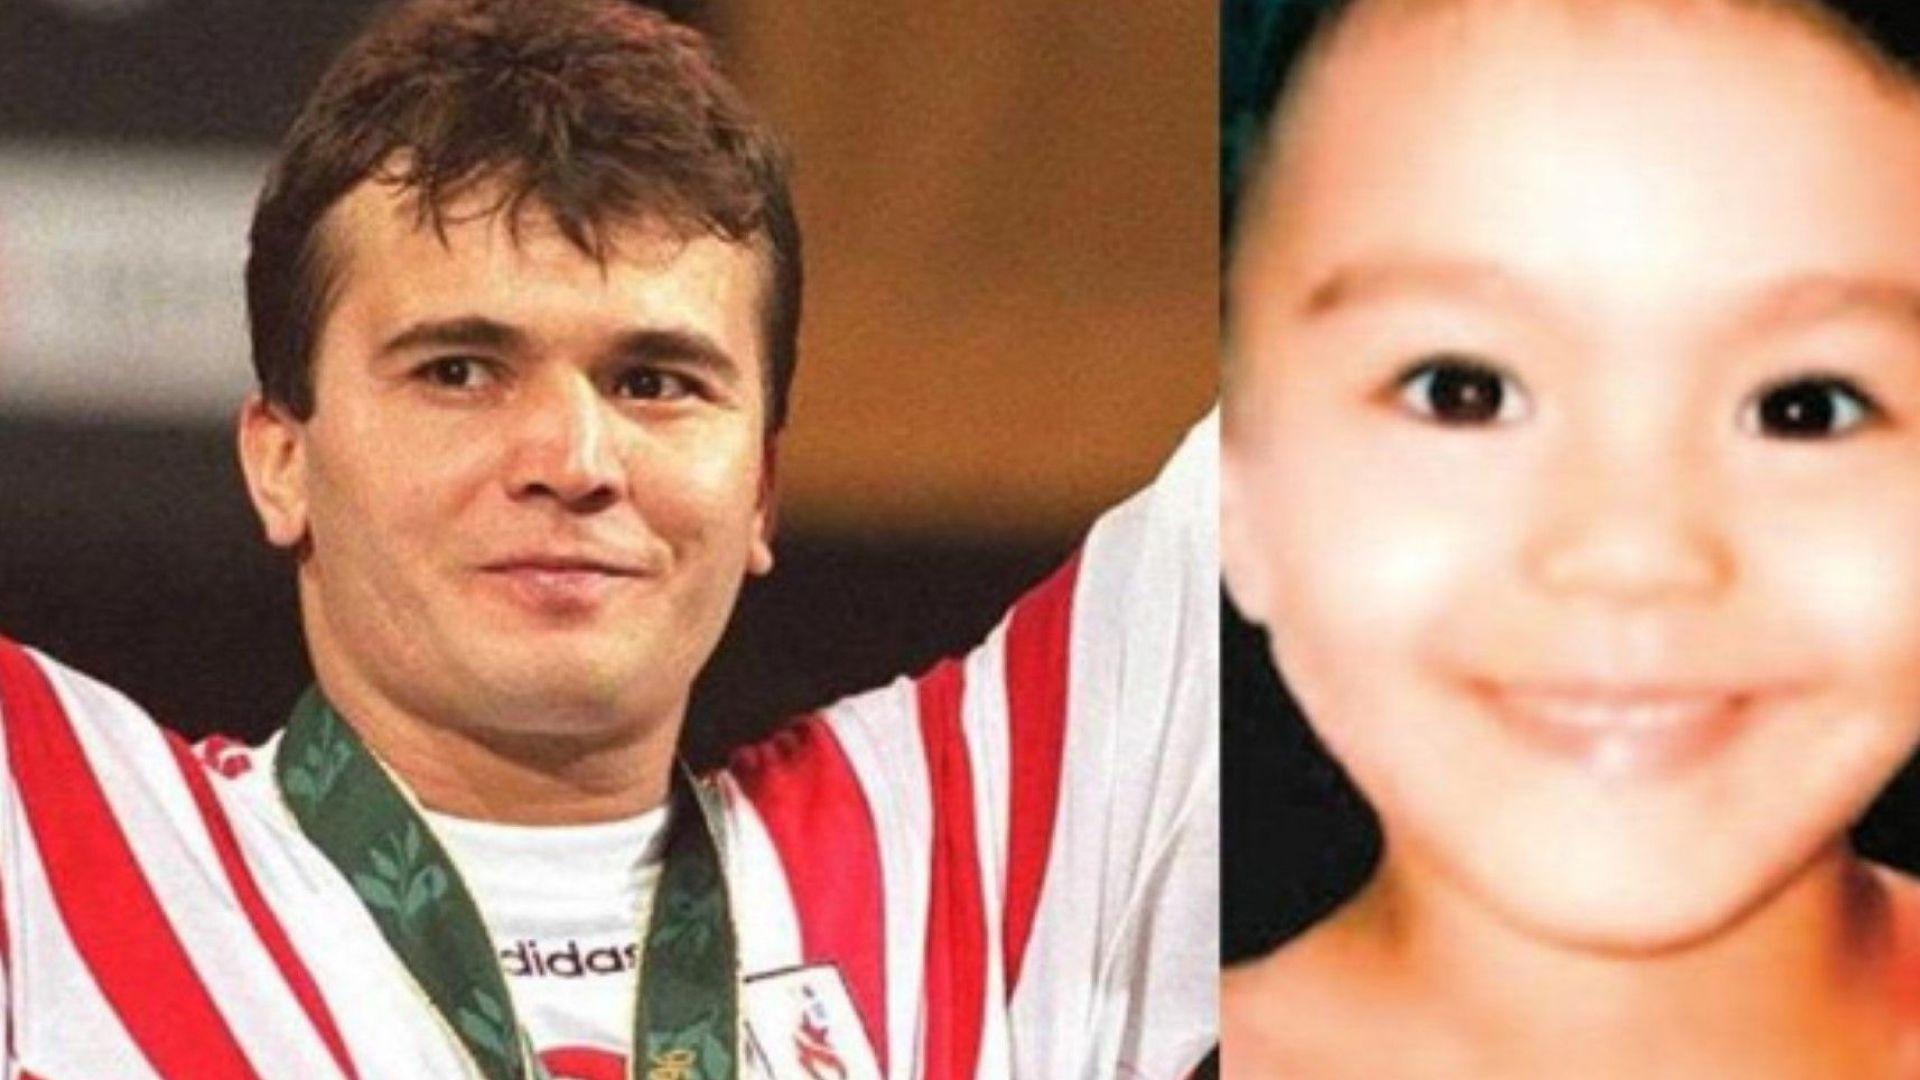 ДНК тест доказа, че Секаи Мори е дъщеря на Наим Сюлейманоглу